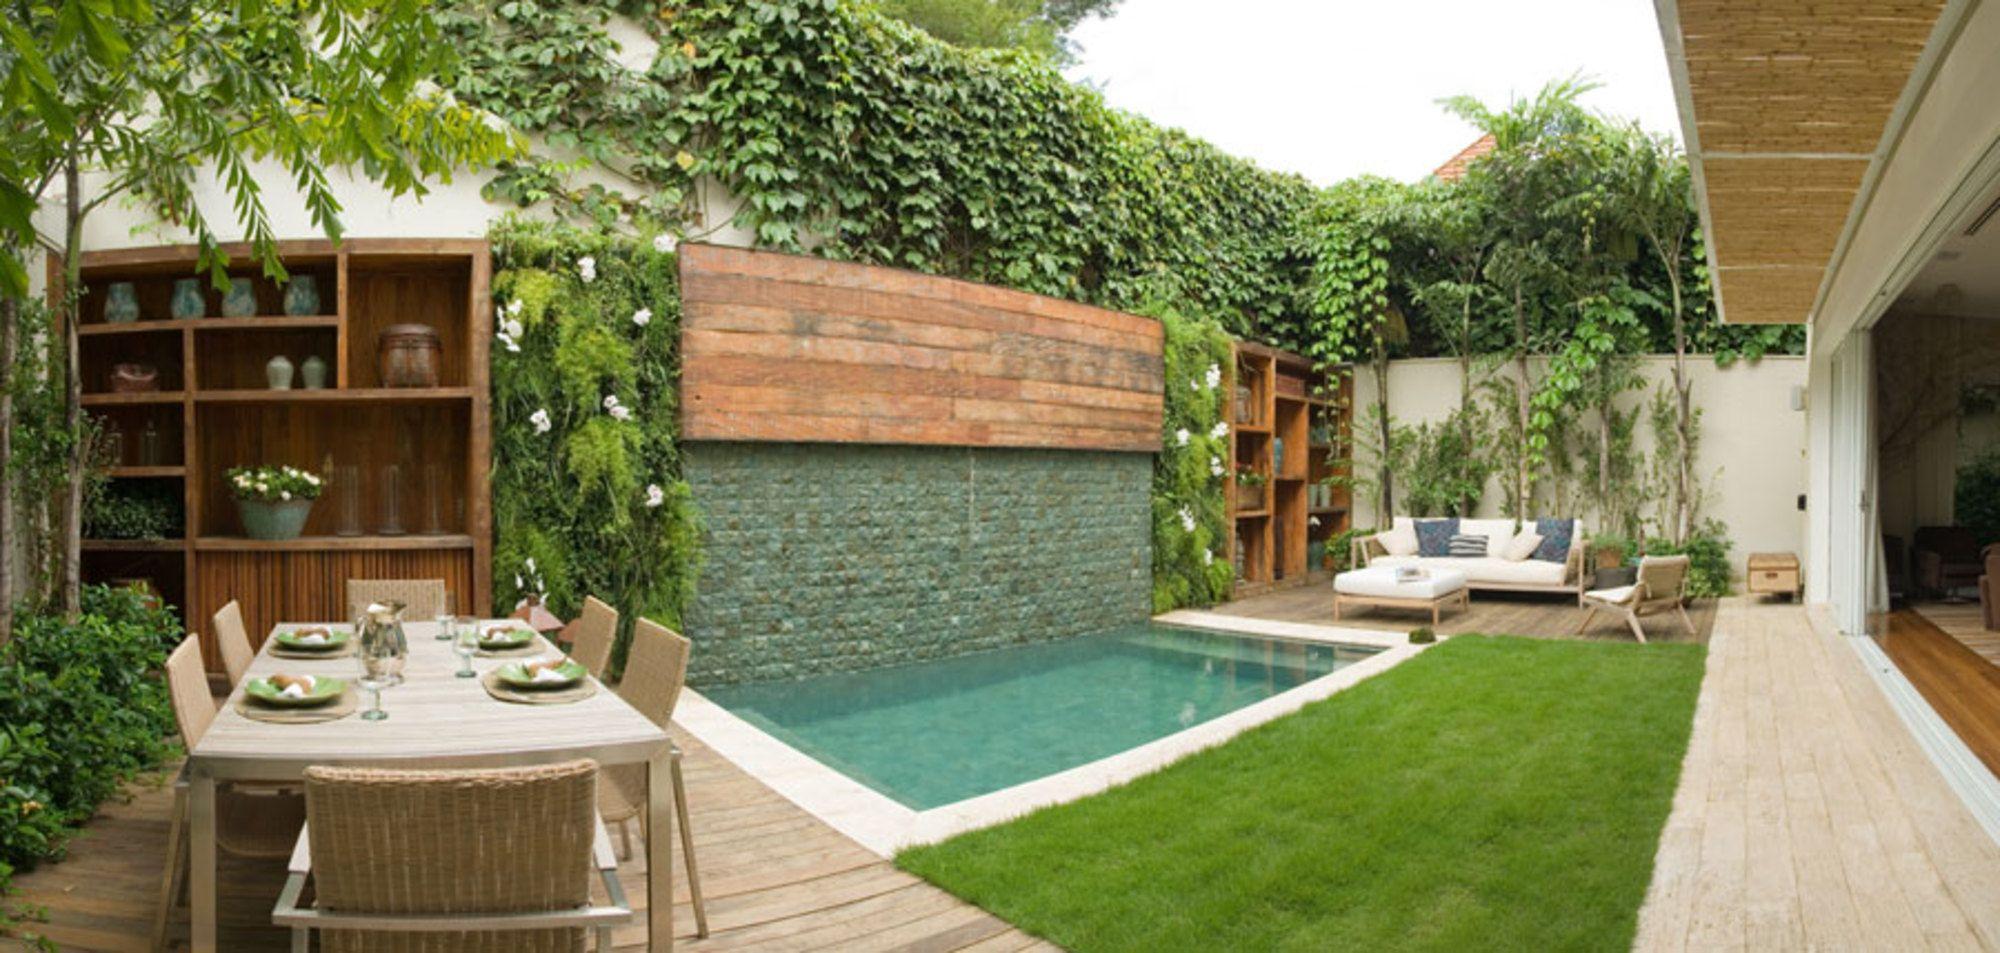 Jardins com piscinas pequenas buscar con google for Piscinas pequenas con cascadas